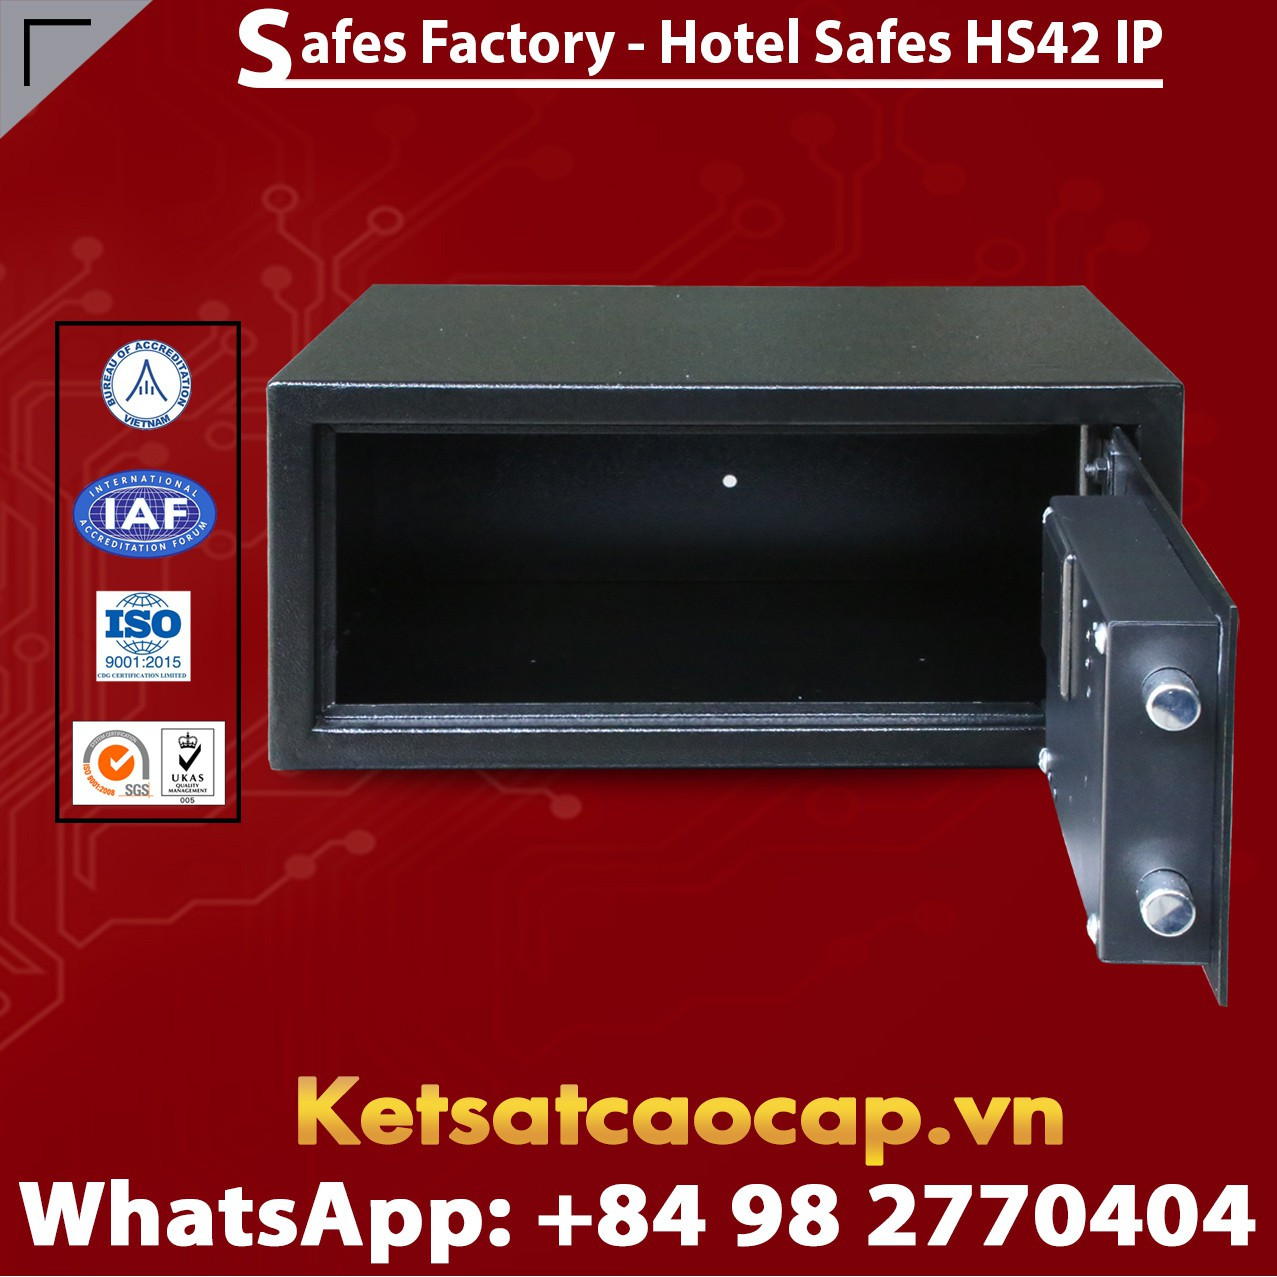 Két Sắt Khách Sạn Hotel Safes WELKO HS42 IP